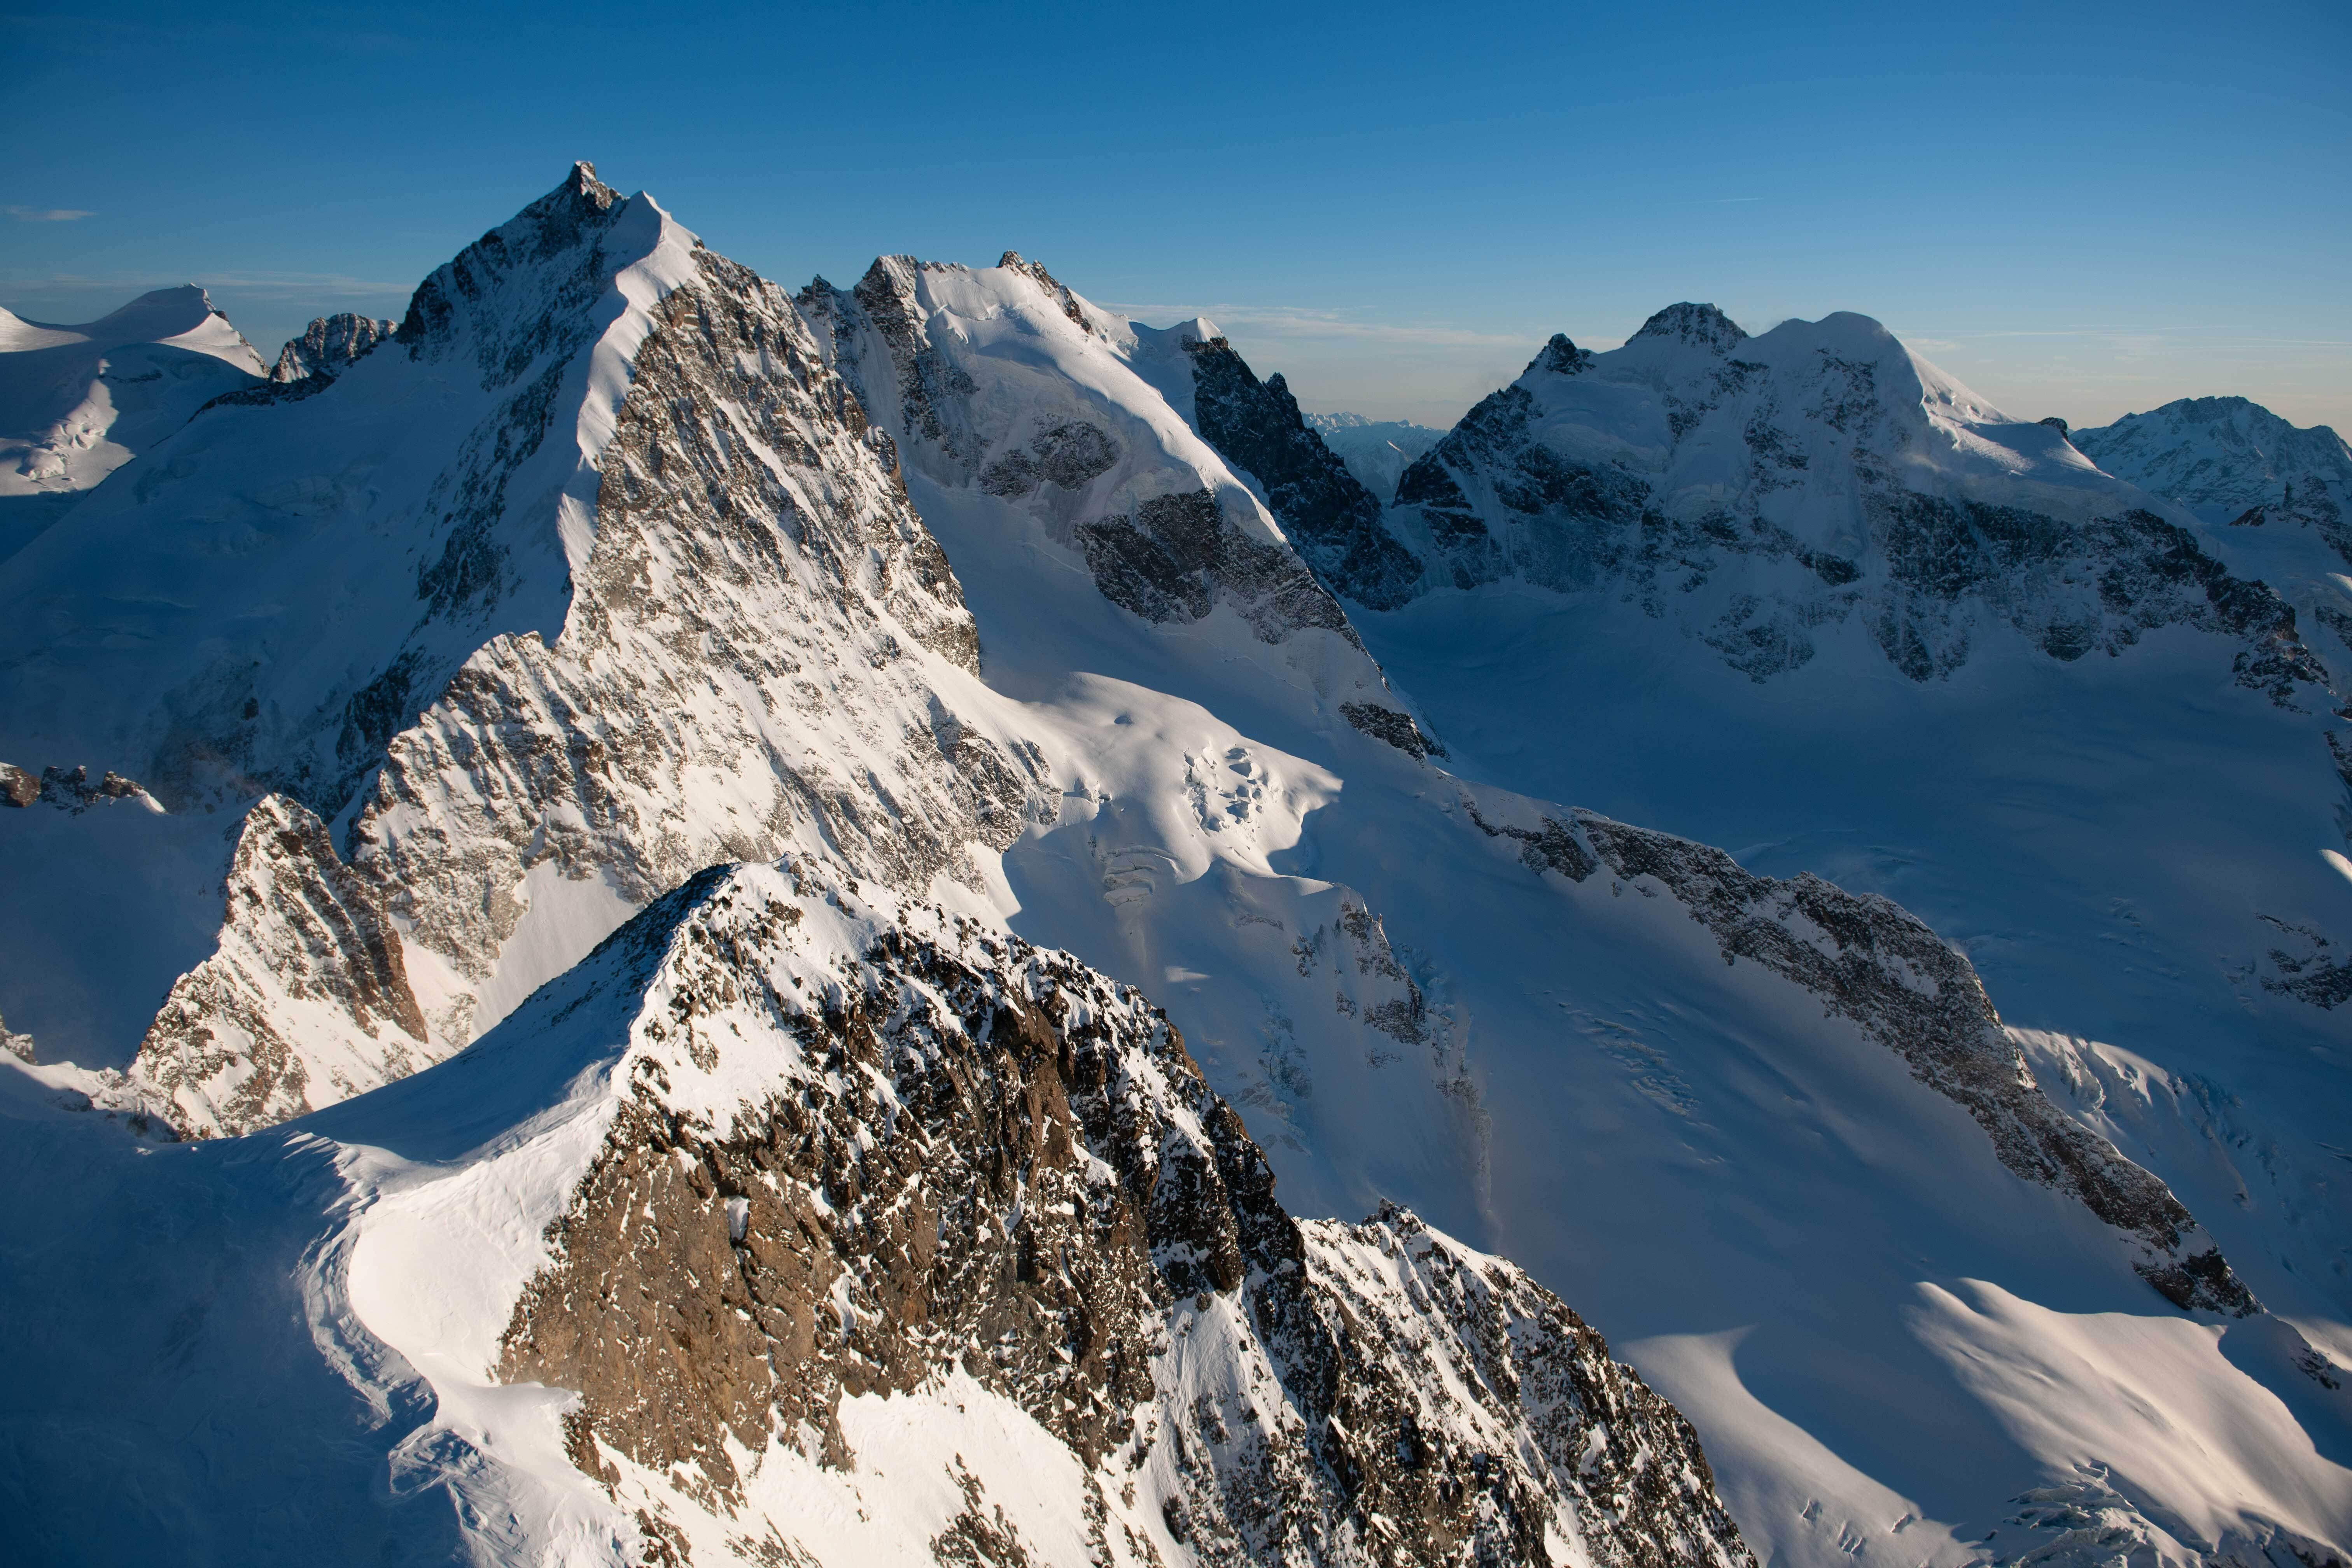 Engadin St. Moritz Tourism AG